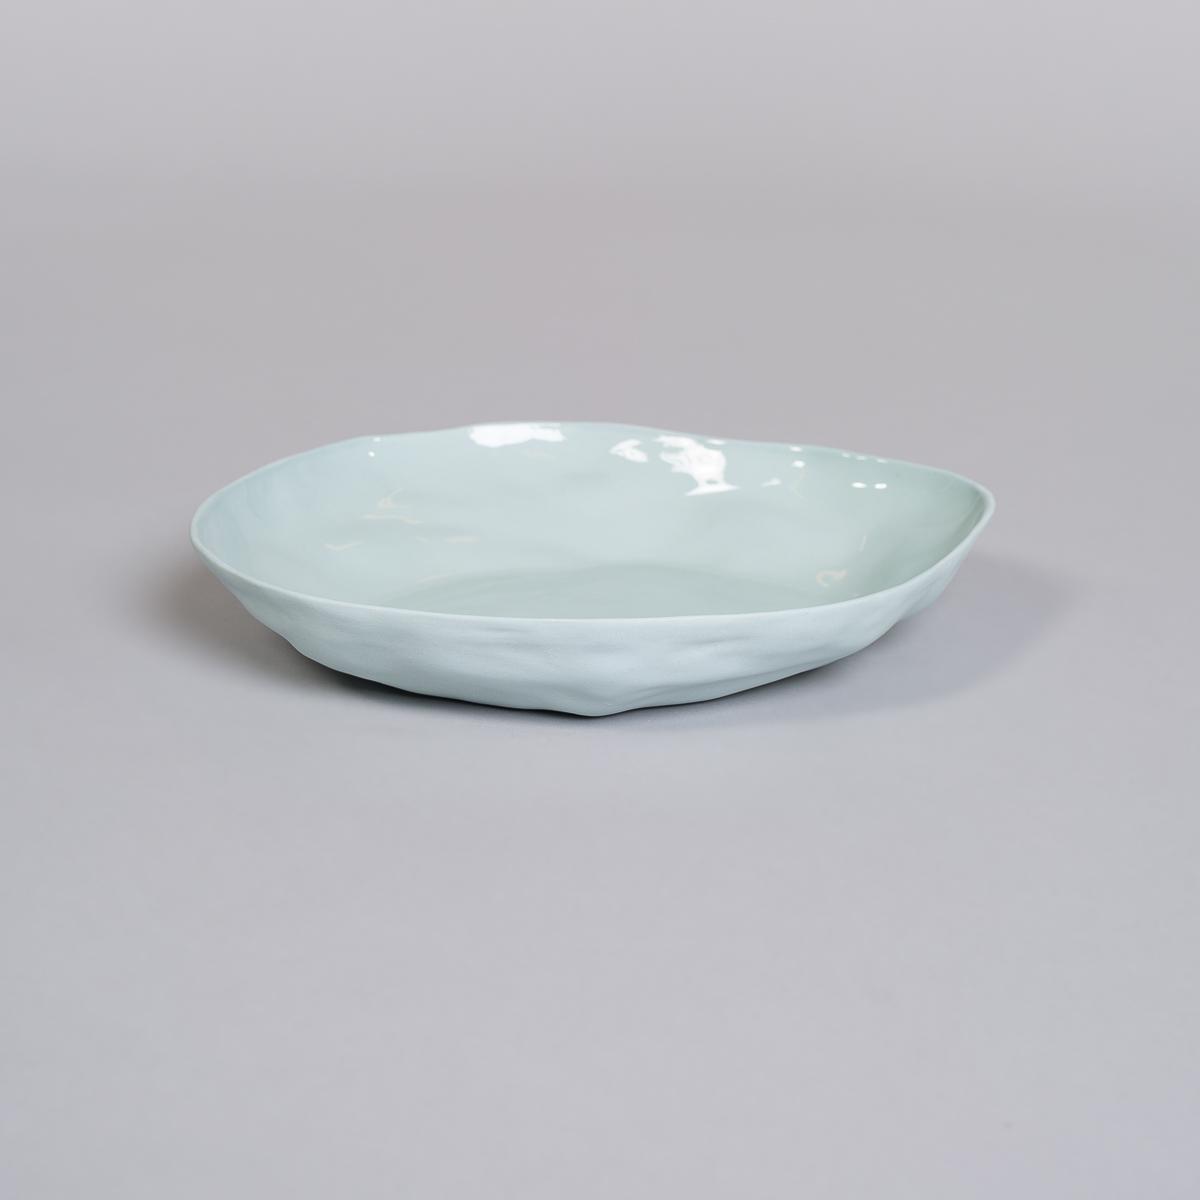 Fat i Porselen - Lys blå-0